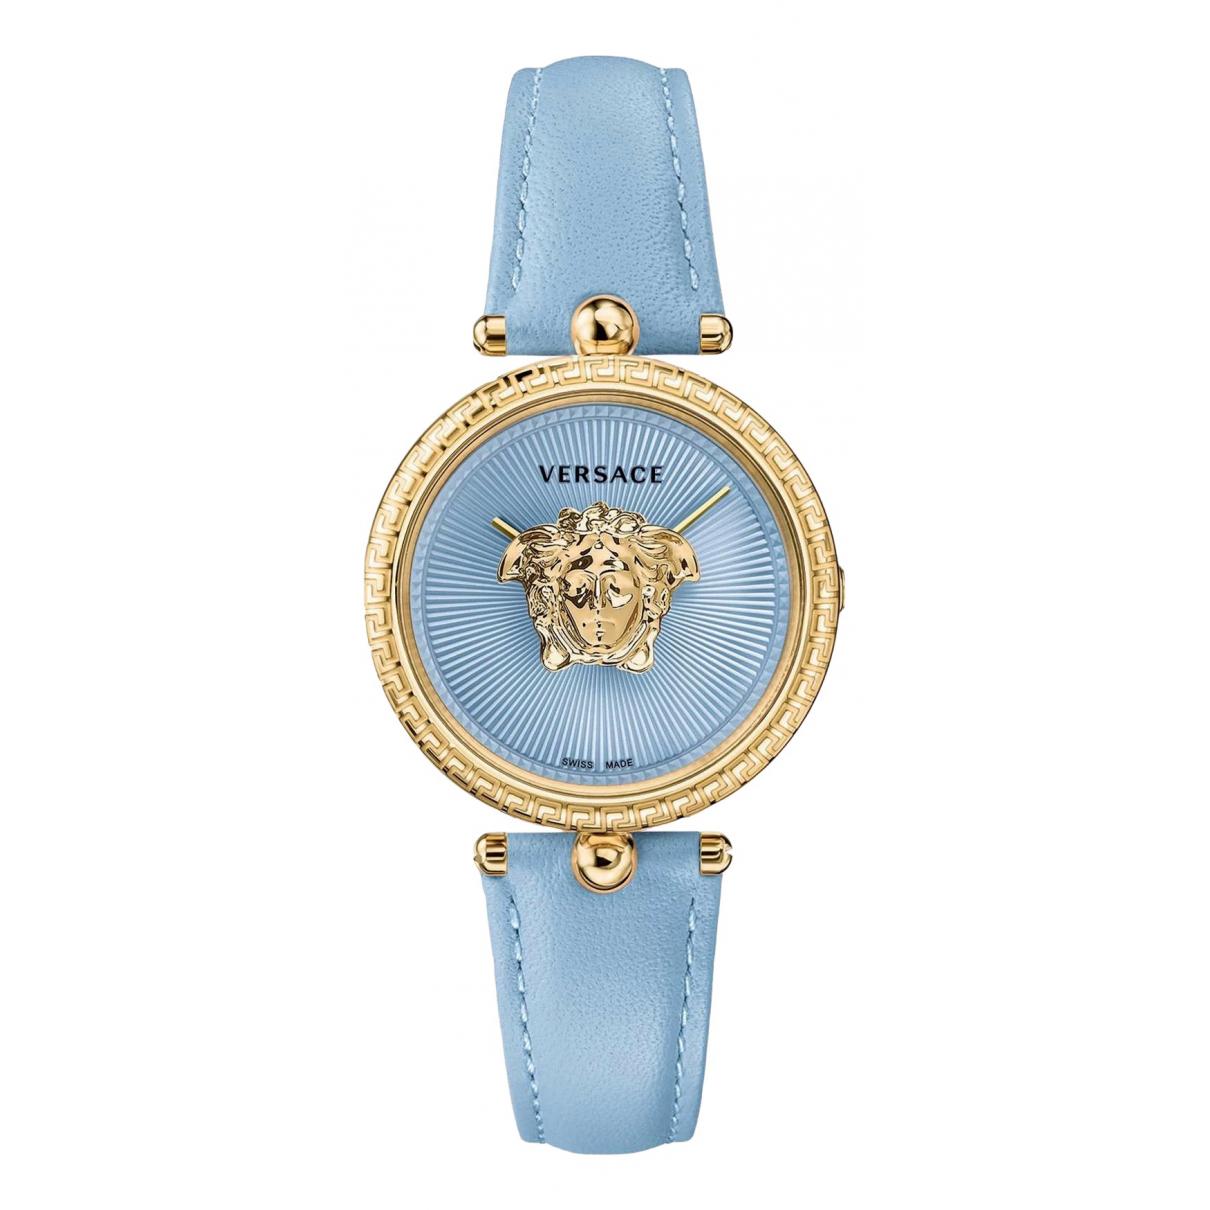 Versace - Montre   pour femme en autre - bleu